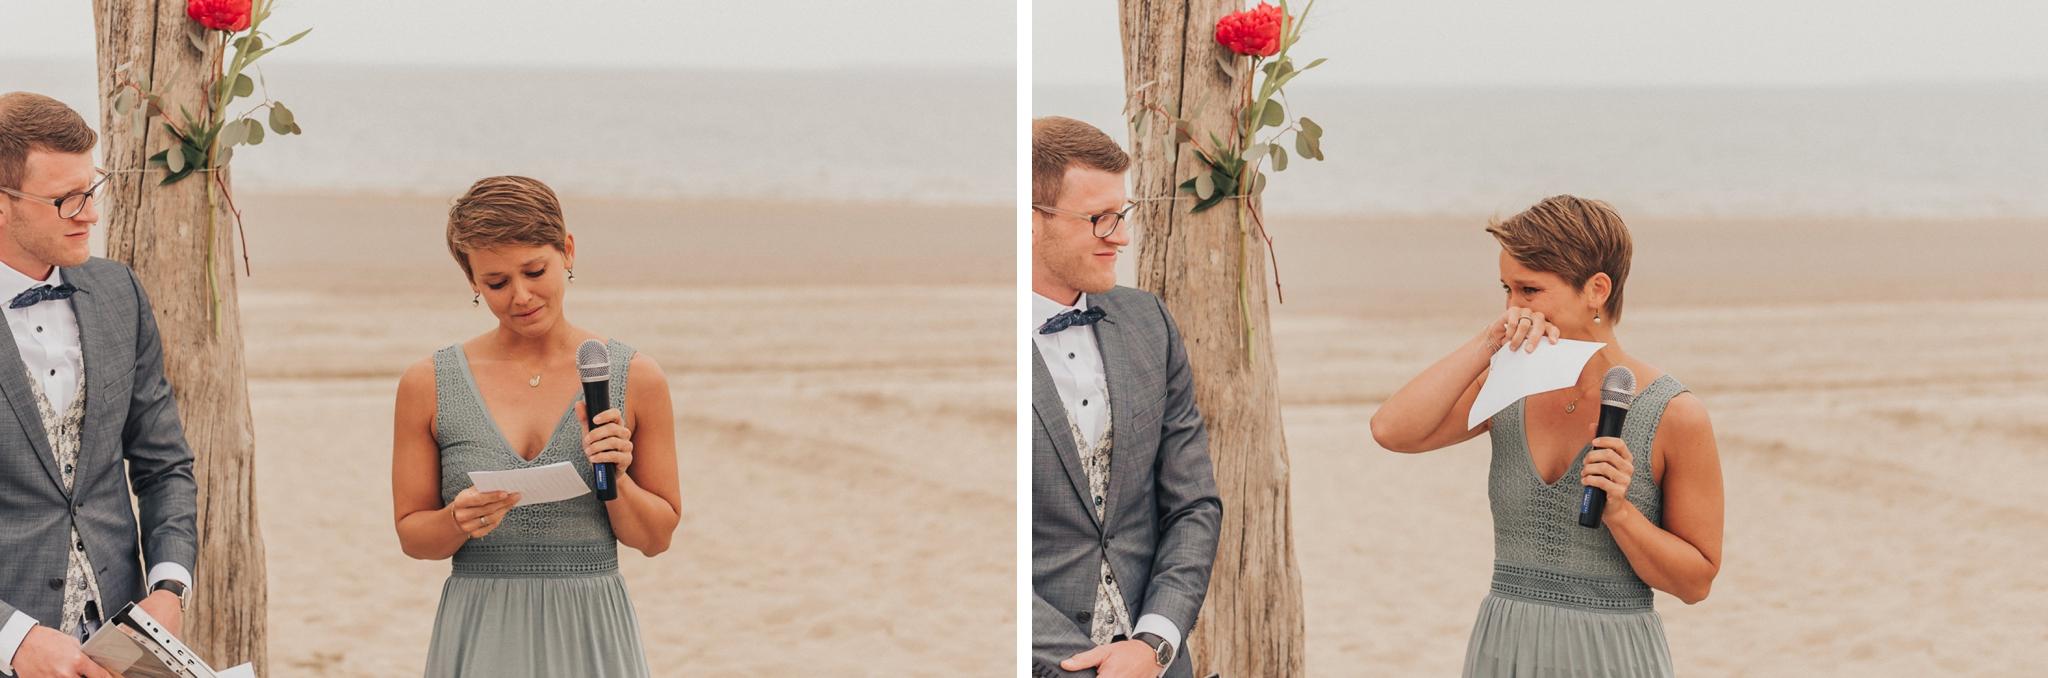 Strand hochzeit Niederlande, Hochzeitsfotograf Köln, Hochzeitsfotograf Bonn, Hochzeitsfotograf Mallorca, wedding photographer italy, Hochzeit Holland, Wedding netherlands, beach wedding, Strandhochzeit